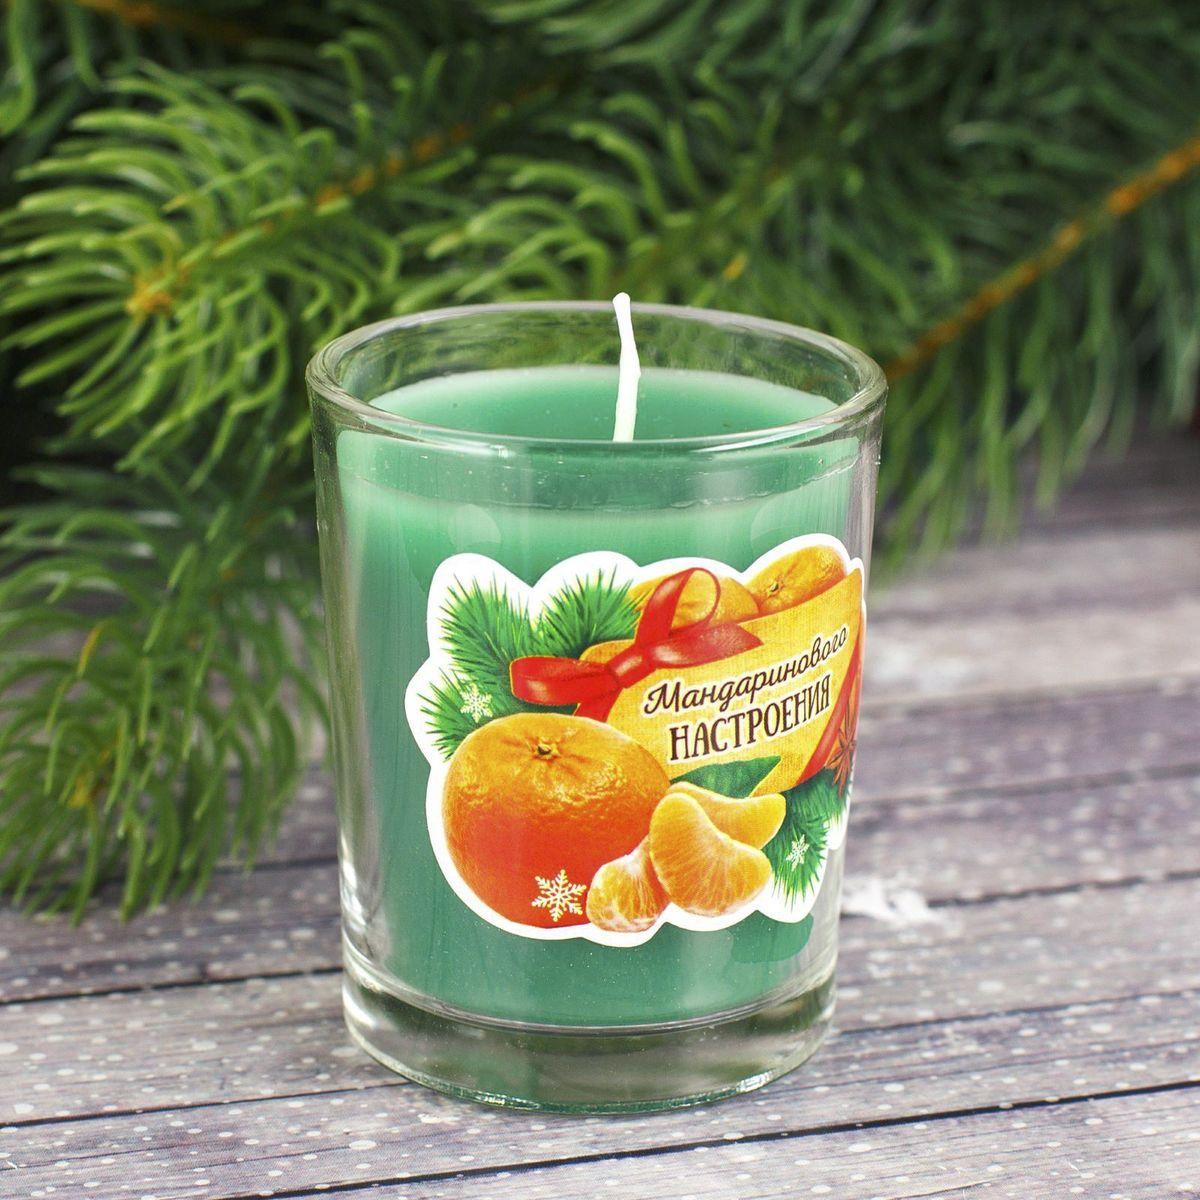 Свеча ароматизированная Sima-land Мандаринового настроения, цвет: зеленый, высота 6,5 см2085644Какой новогодний стол без свечей? Вместе с мандаринами, шампанским и еловыми ветвями они создадут сказочную атмосферу, а их притягательное пламя подарит ощущение уюта и тепла. А еще это отличная идея для подарка! Свеча ароматизированная в стакане Sima-land оградит от невзгод и поможет во всех начинаниях в будущем году. Каждому хозяину периодически приходит мысль обновить свою квартиру, сделать ремонт, перестановку или кардинально поменять внешний вид каждой комнаты. Свеча ароматизированная в стакане Sima-land - привлекательная деталь, которая поможет воплотить вашу интерьерную идею, создать неповторимую атмосферу в вашем доме. Окружите себя приятными мелочами, пусть они радуют глаз и дарят гармонию. Ароматизированная свеча Sima-land несет в себе волшебство и красоту праздника. Такое украшение создаст в вашем доме атмосферу праздника, веселья и радости.